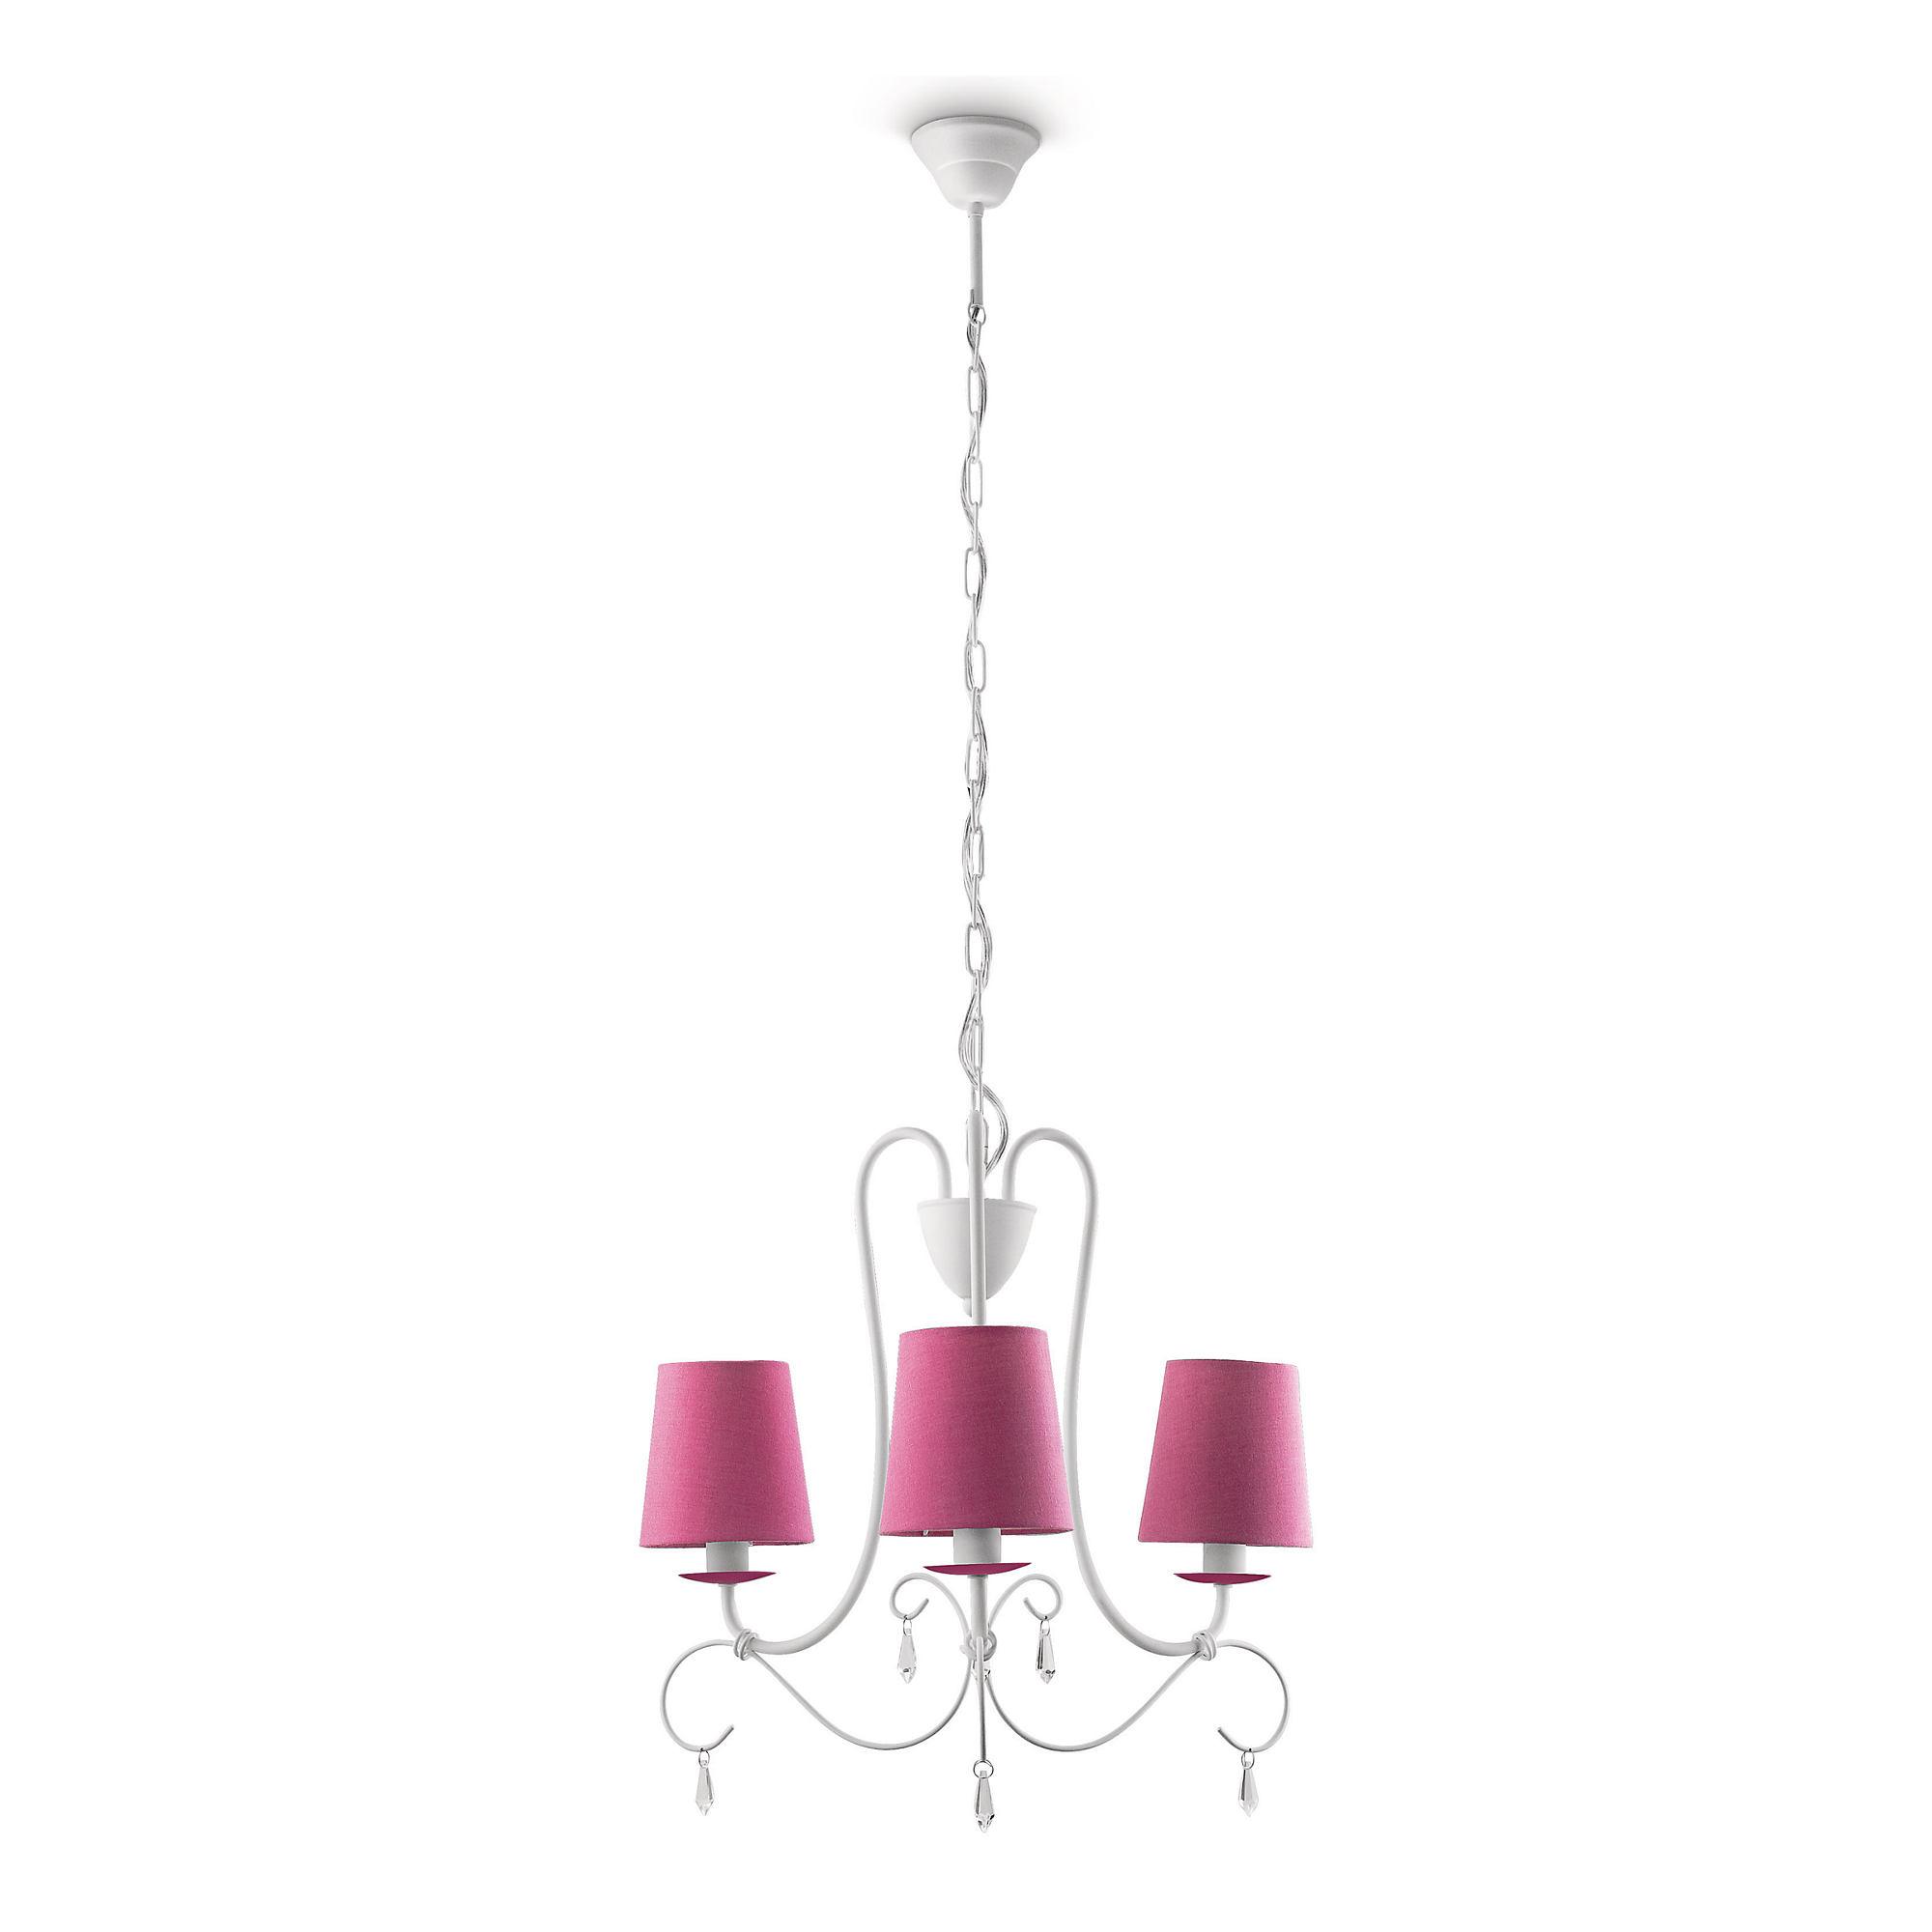 5509_0571136448db8c Wunderbar Led Lampen E14 Warmweiß Dekorationen